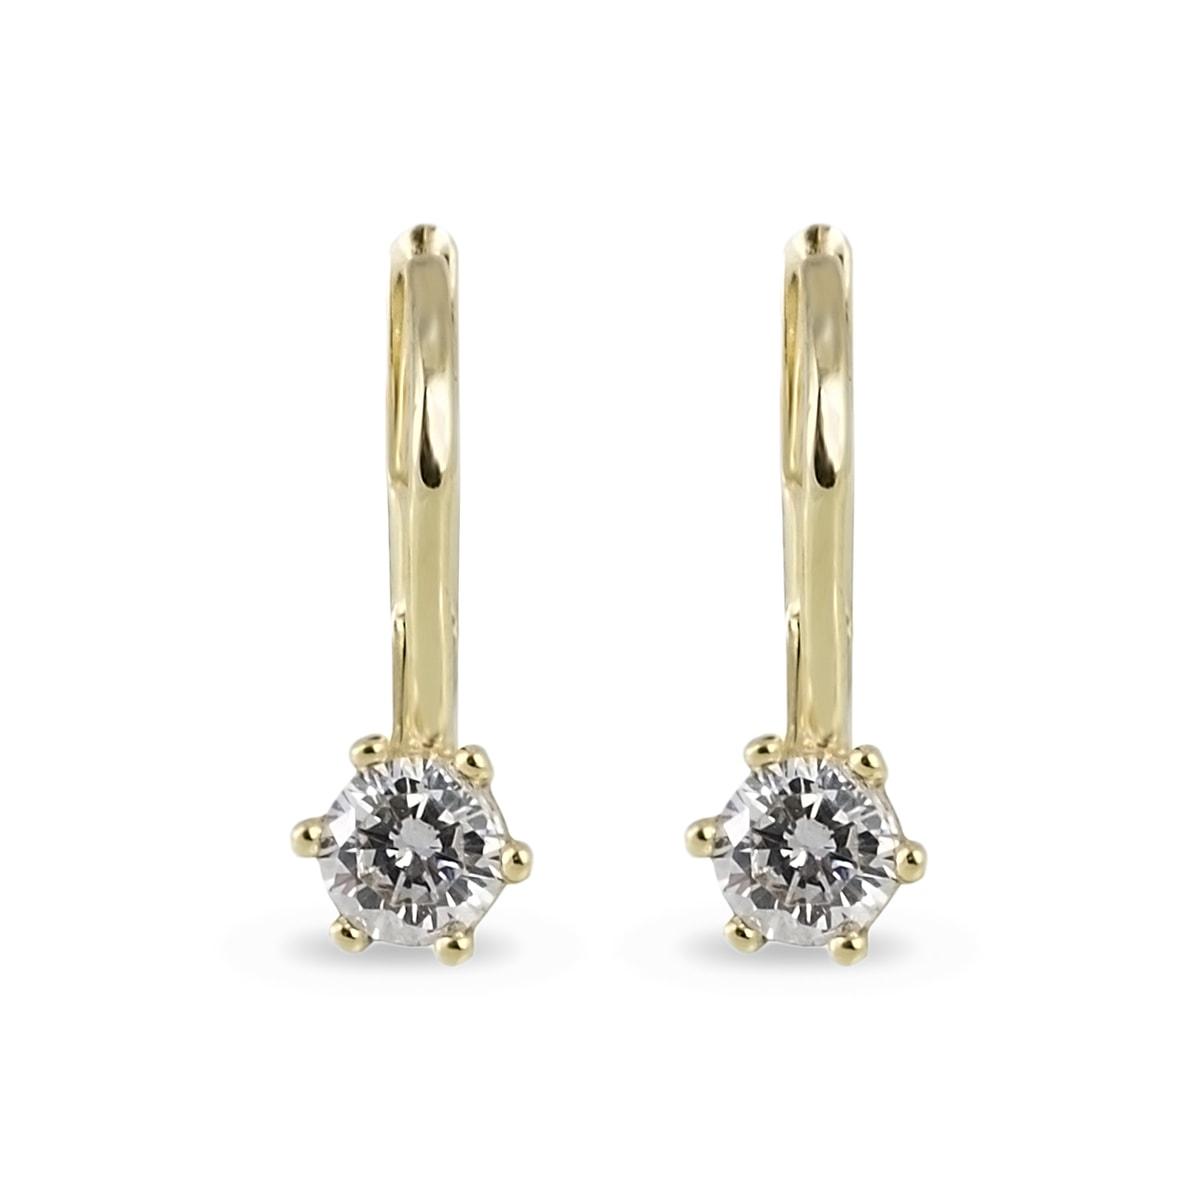 klenota goldohrringe mit diamanten ohrringe diamant. Black Bedroom Furniture Sets. Home Design Ideas